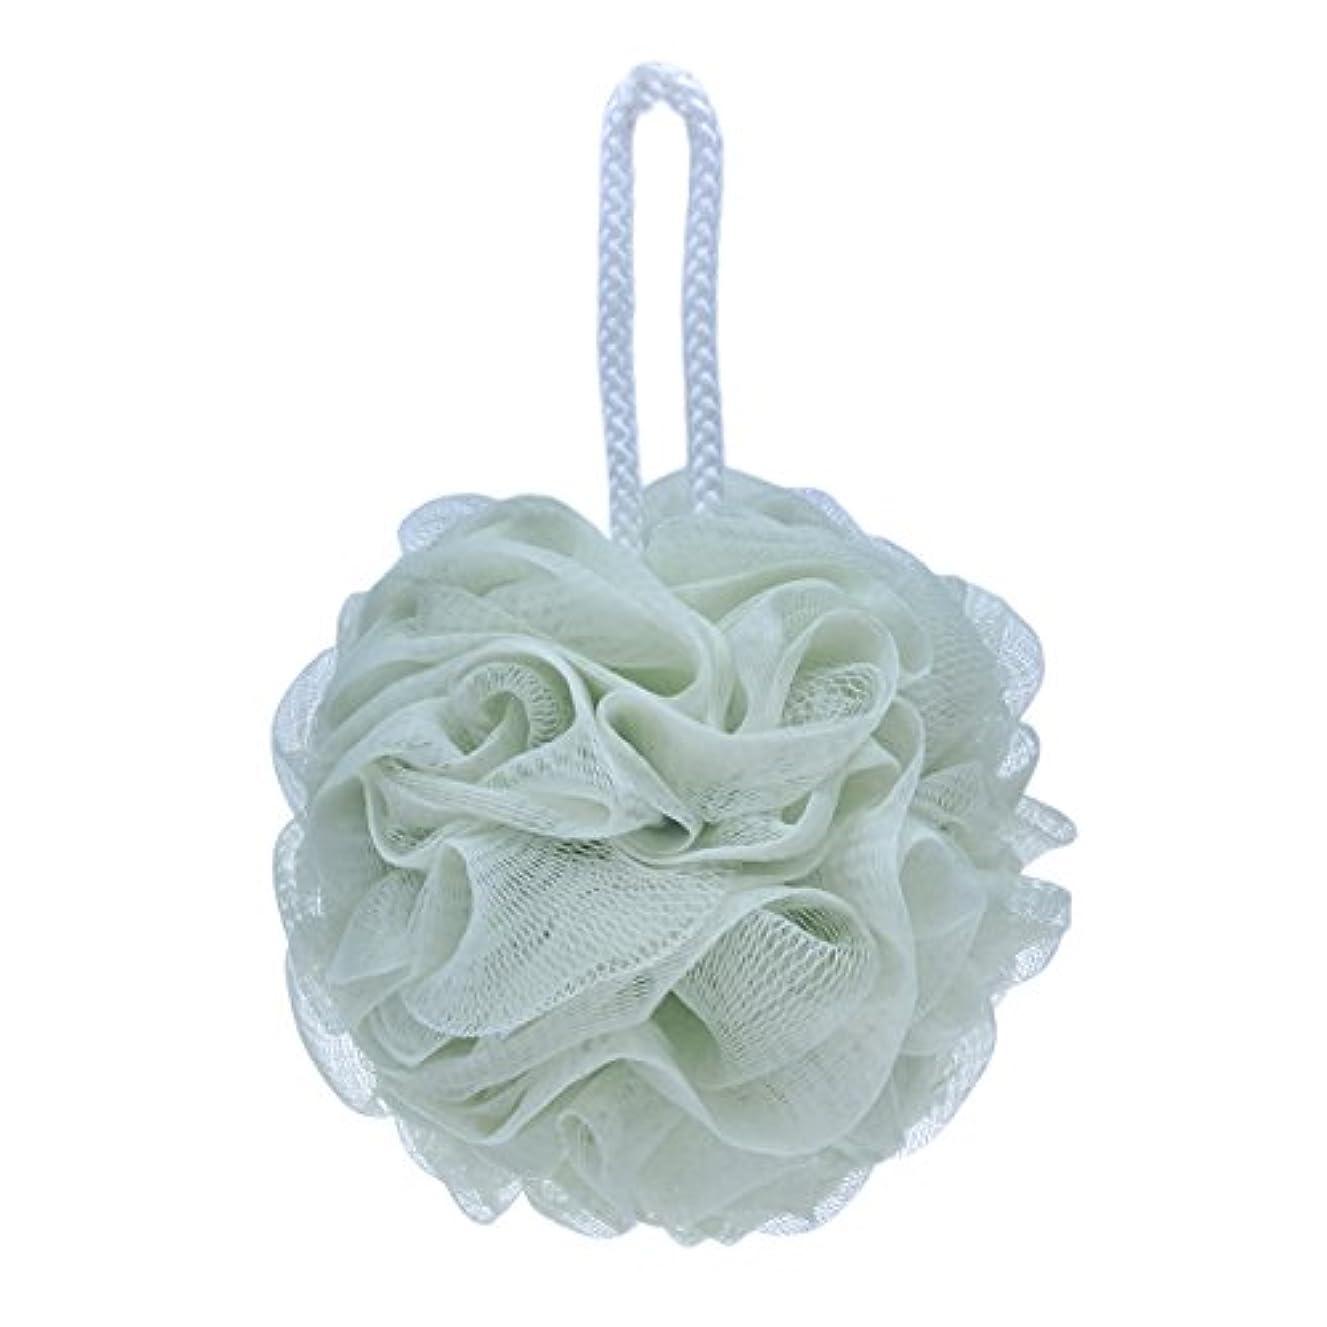 落ち着いてサバント子供っぽいSUPERMOOM バスボール 泡立てネット ボール シャワー ナイロン 4種類の色選択